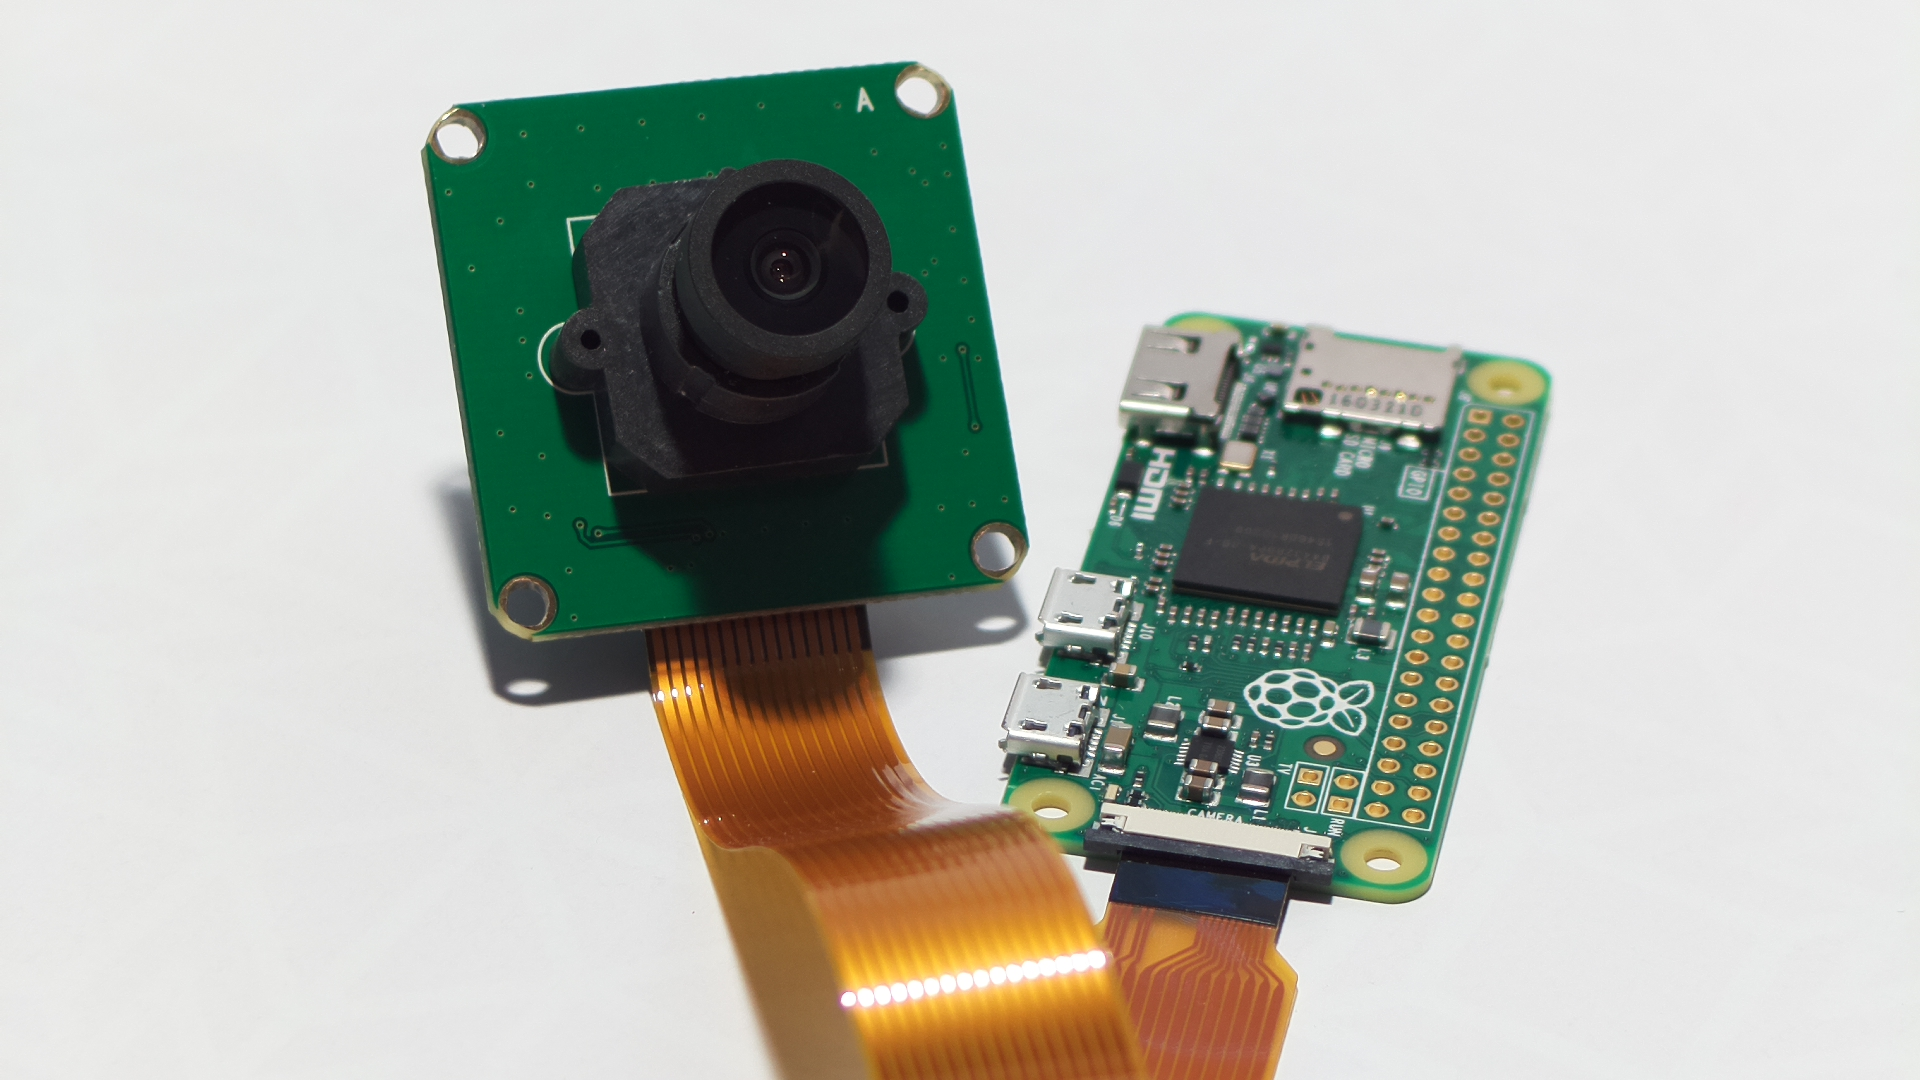 Raspberry Pi Zero 5MP camera attachment